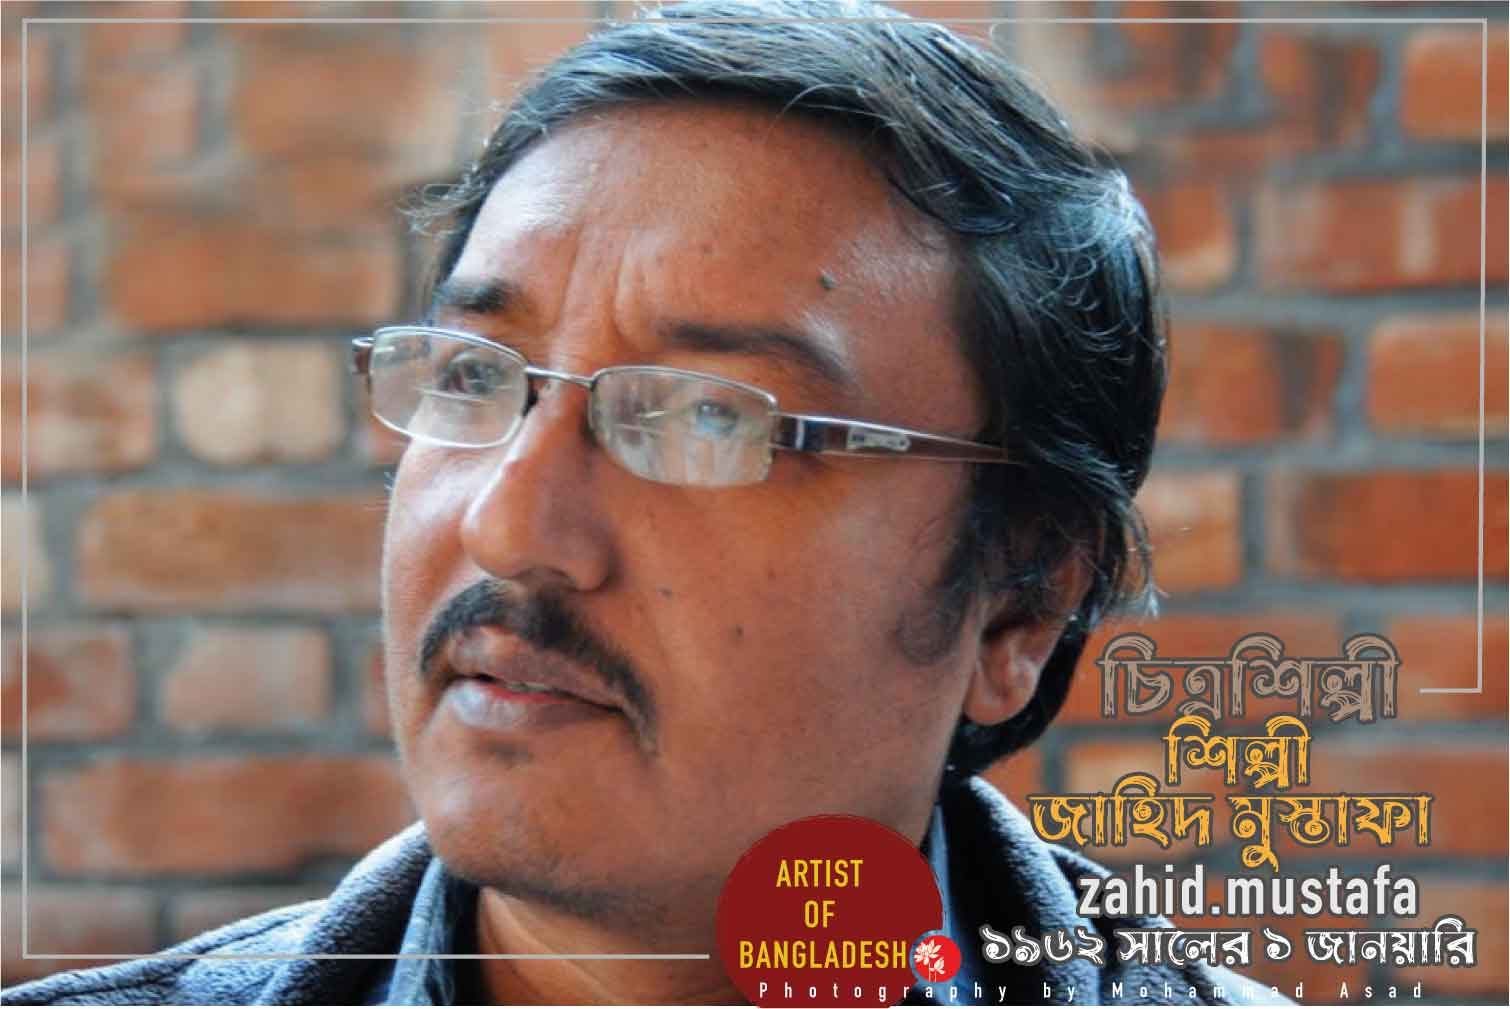 শিল্পী জাহিদ মুস্তাফা...